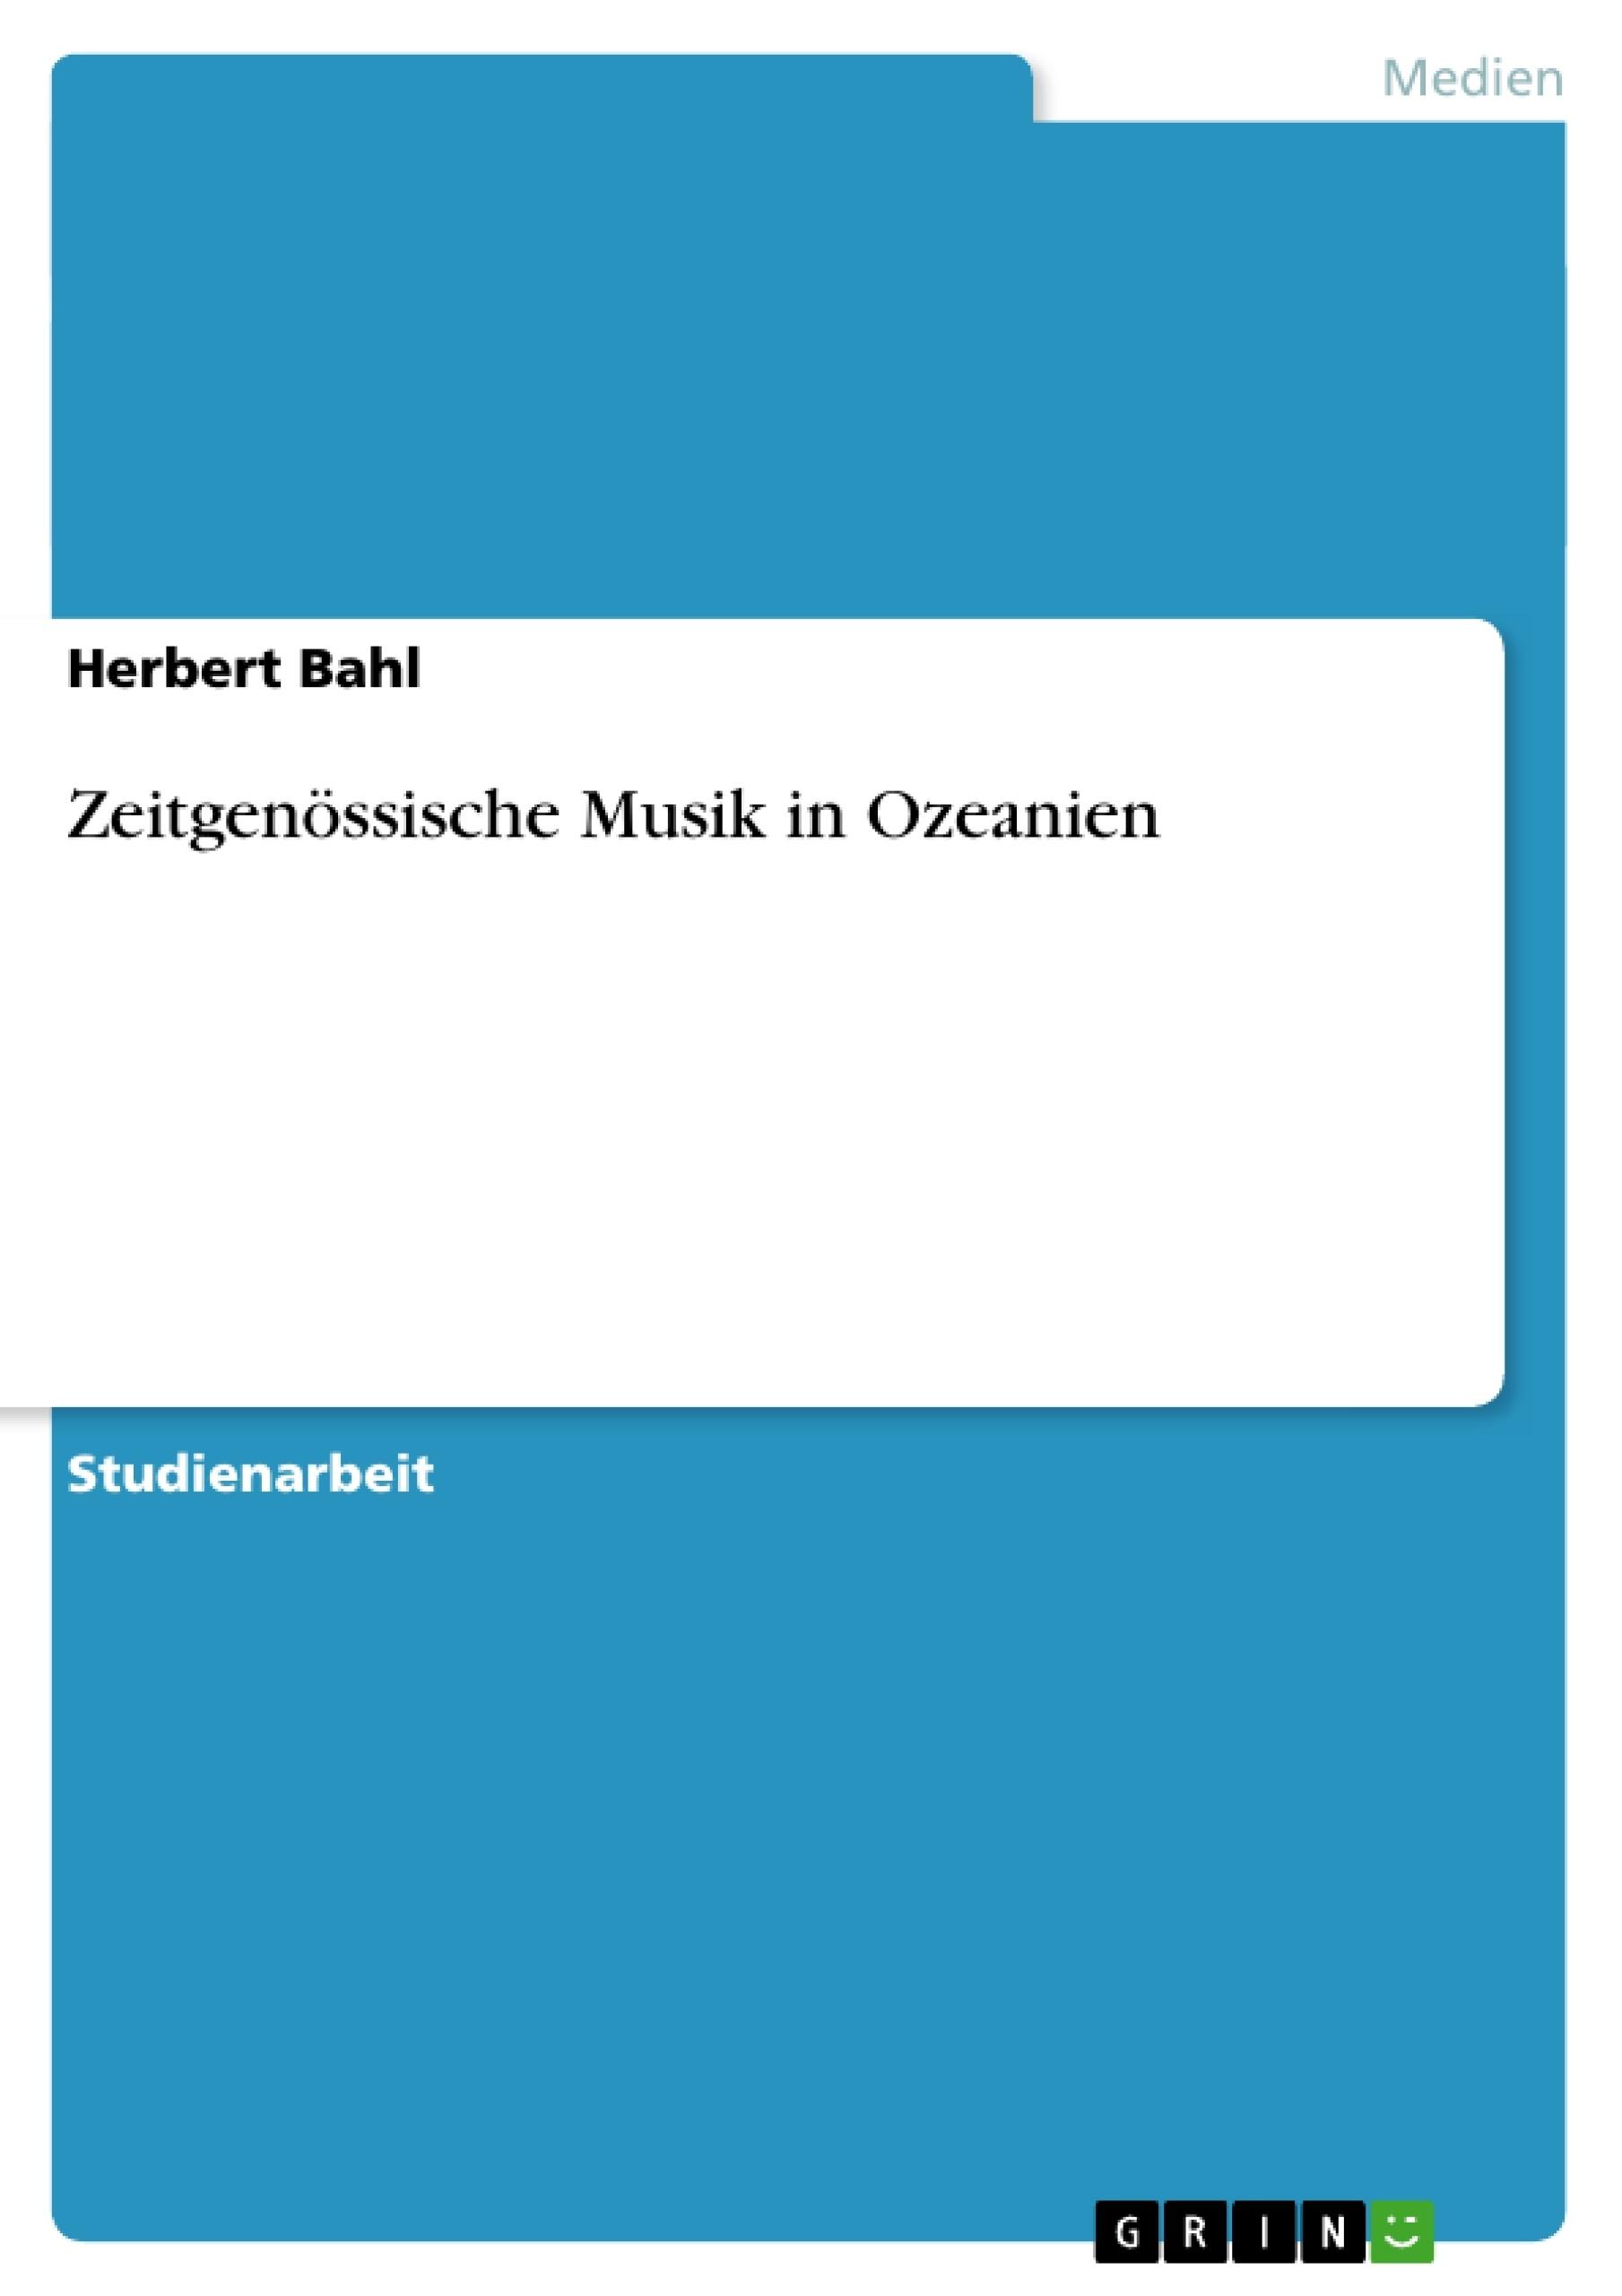 Titel: Zeitgenössische Musik in Ozeanien